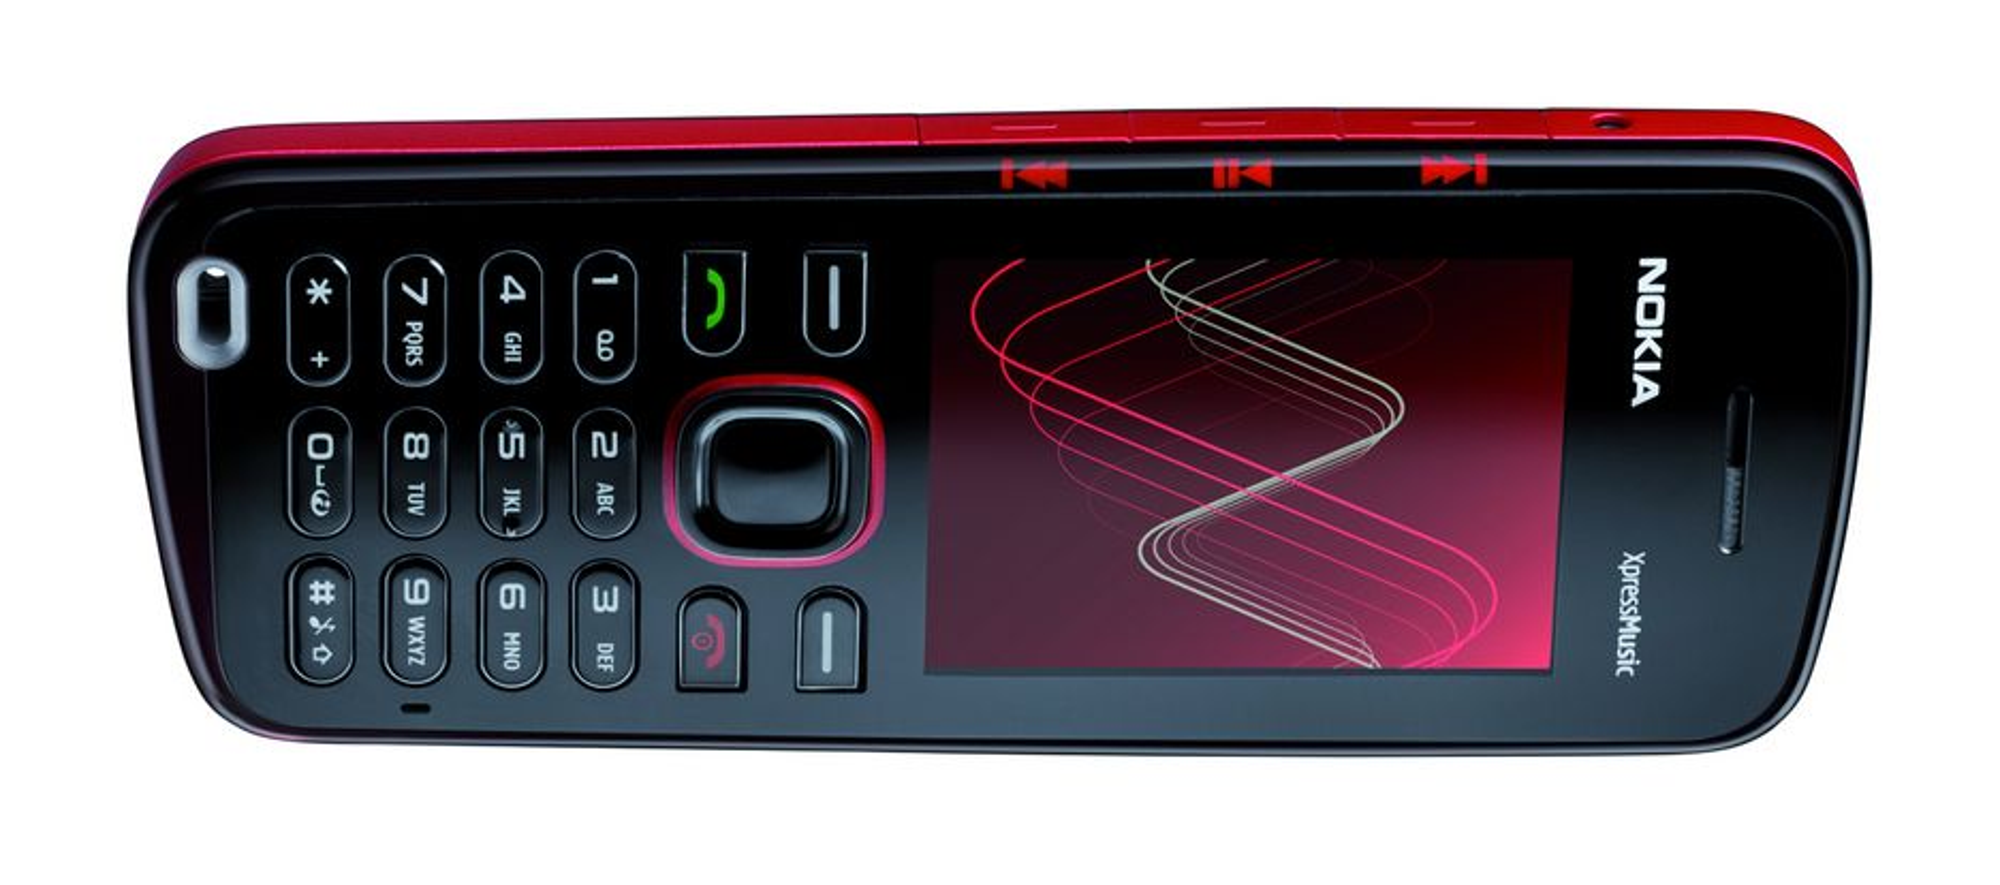 FARGERIK: Slik er Nokia 5220 XpressMusic. Utseendemessig er det lite som skiller denne fra storebroren Nokia 5320 XpressMusic.